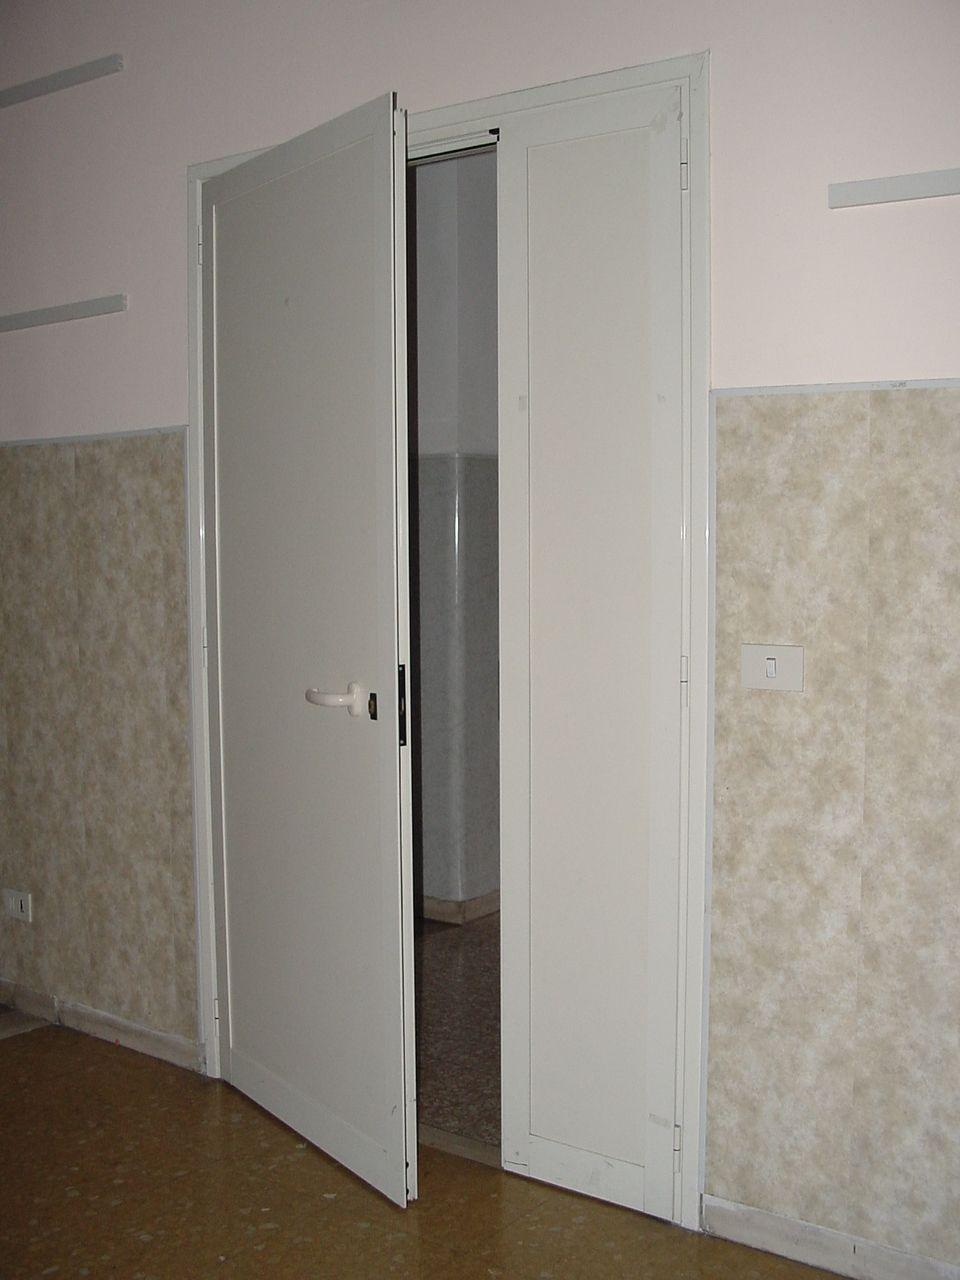 Porte interni ikea door covers shop now with porte - Adesivi per porte interne ikea ...